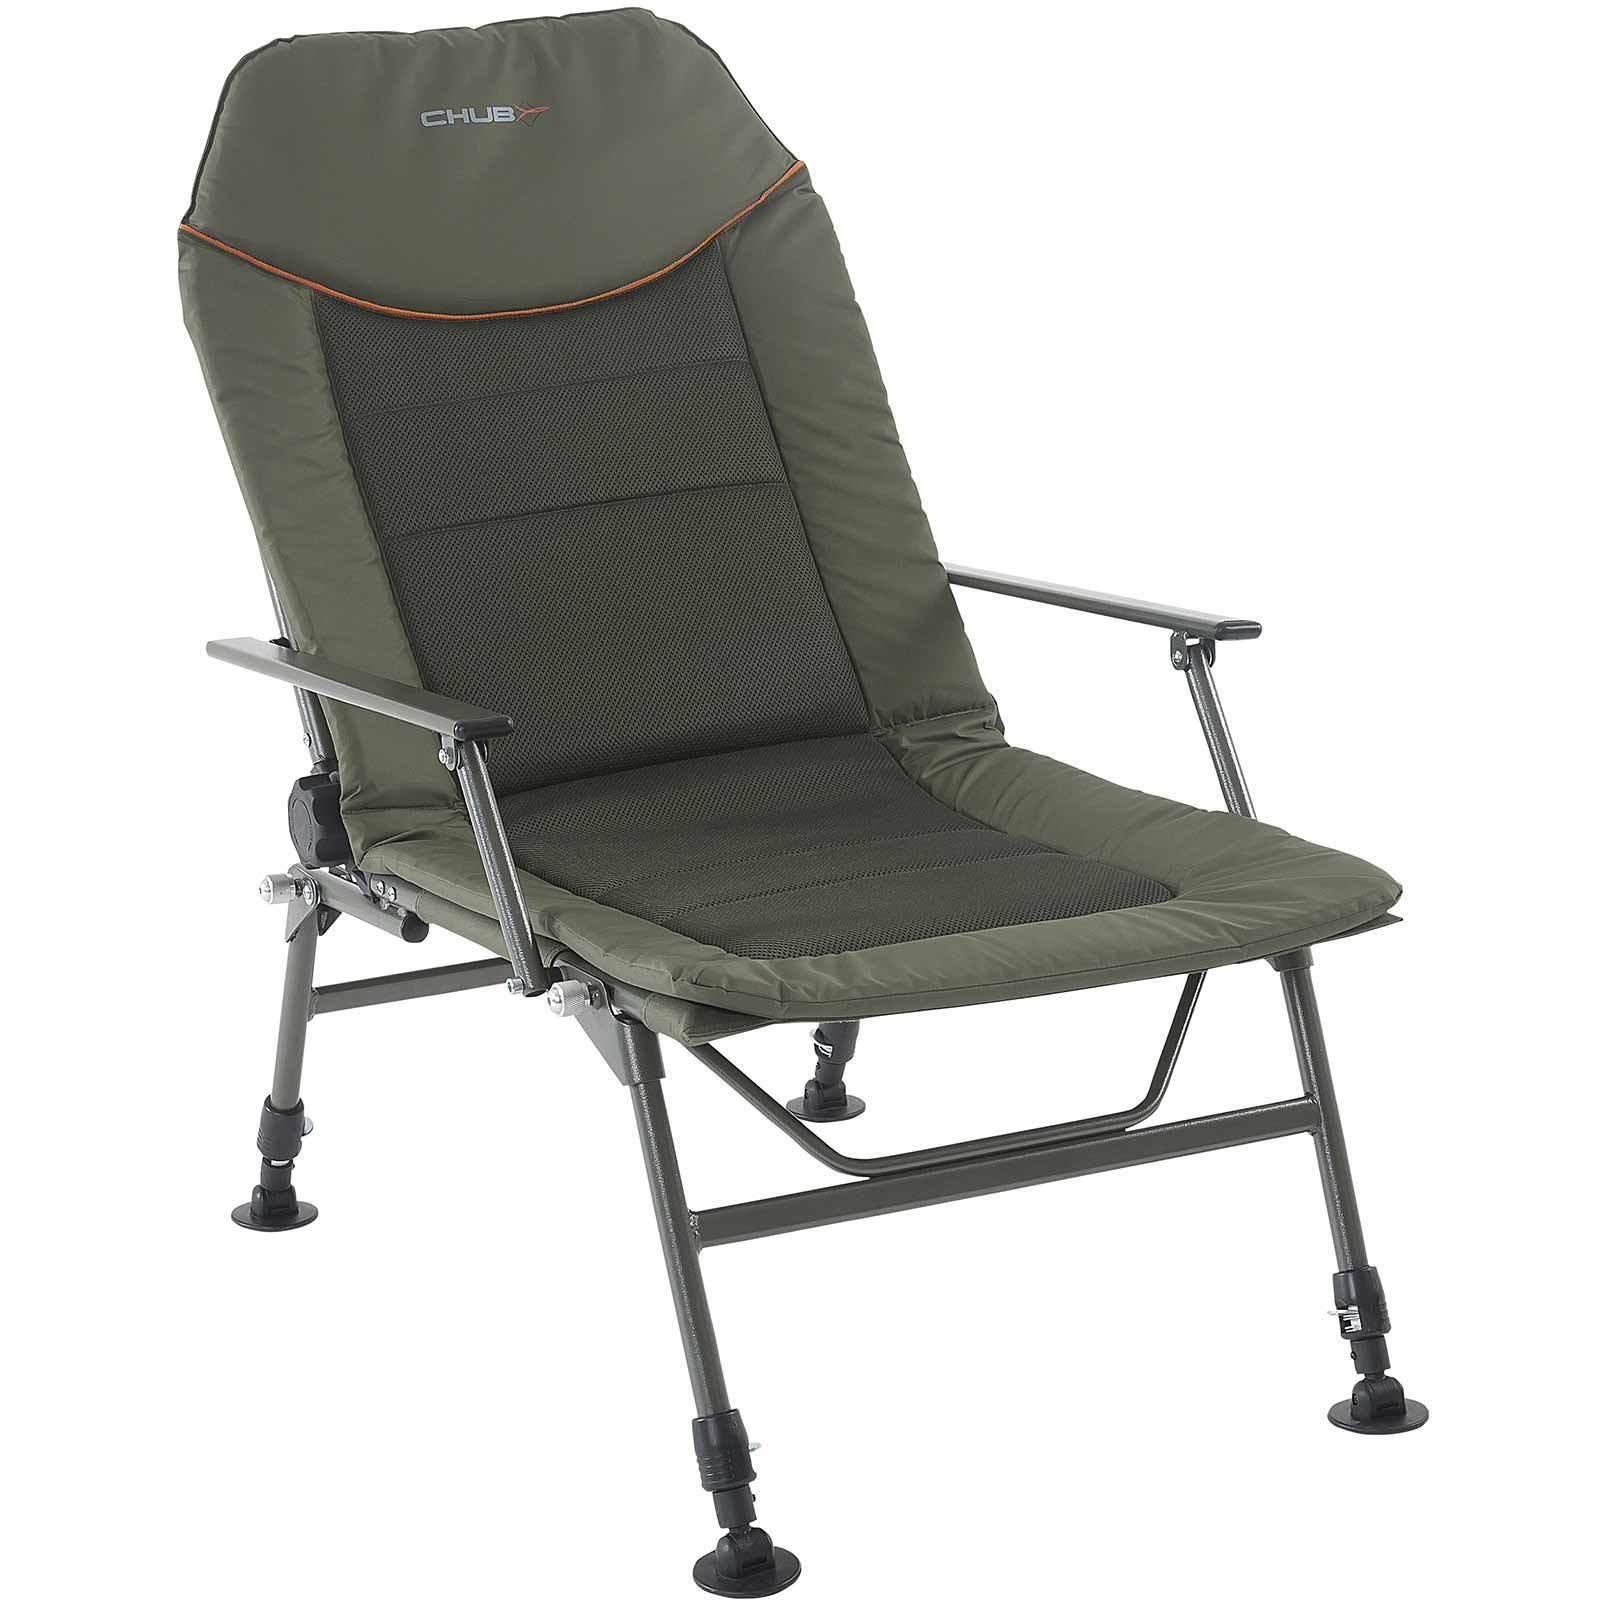 Chub angel silla karpfenstuhl silla pesCoche-Outcast Chair 7kg